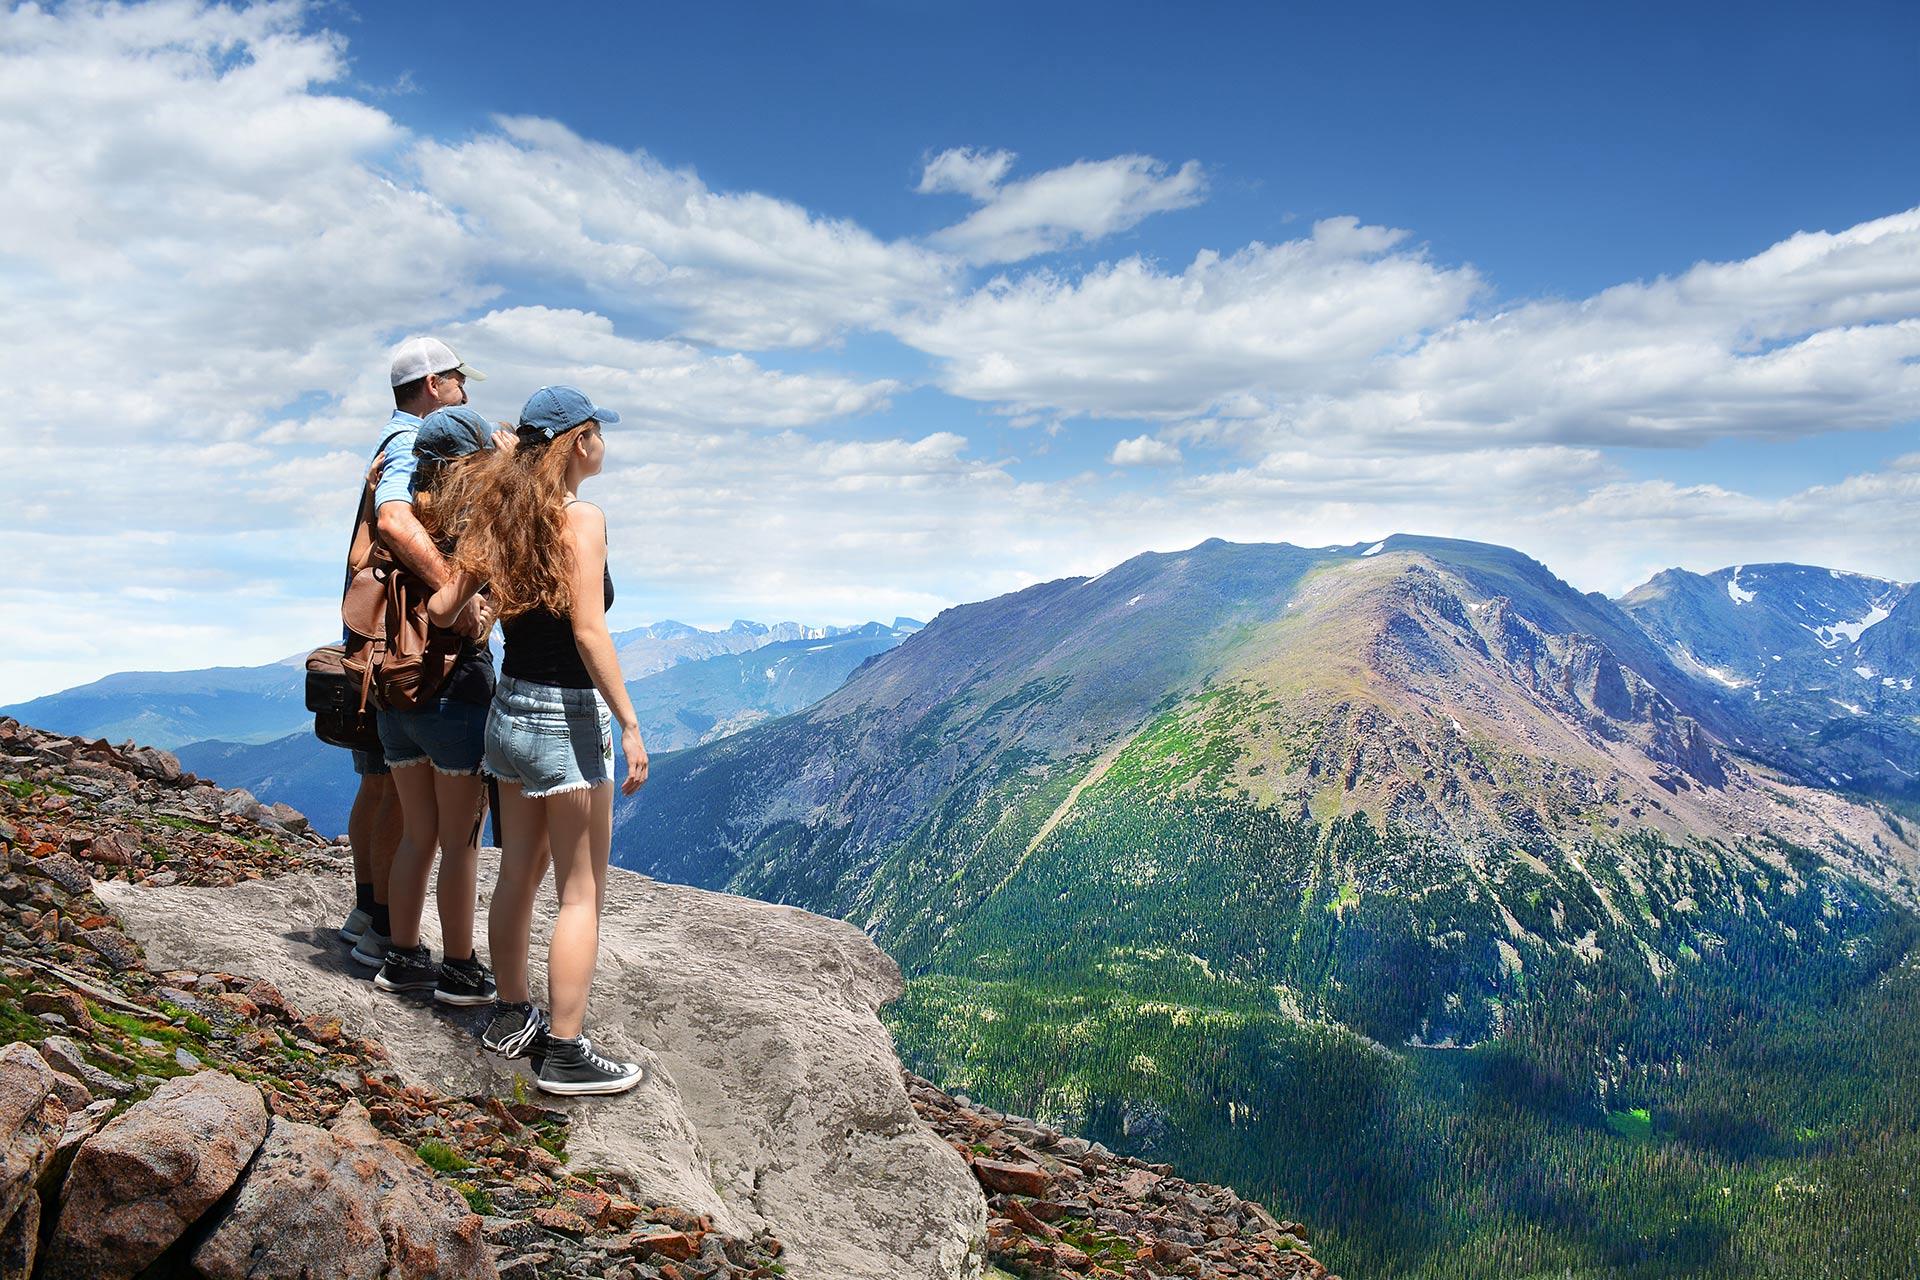 Rocky Mountain National Park in Colorado.